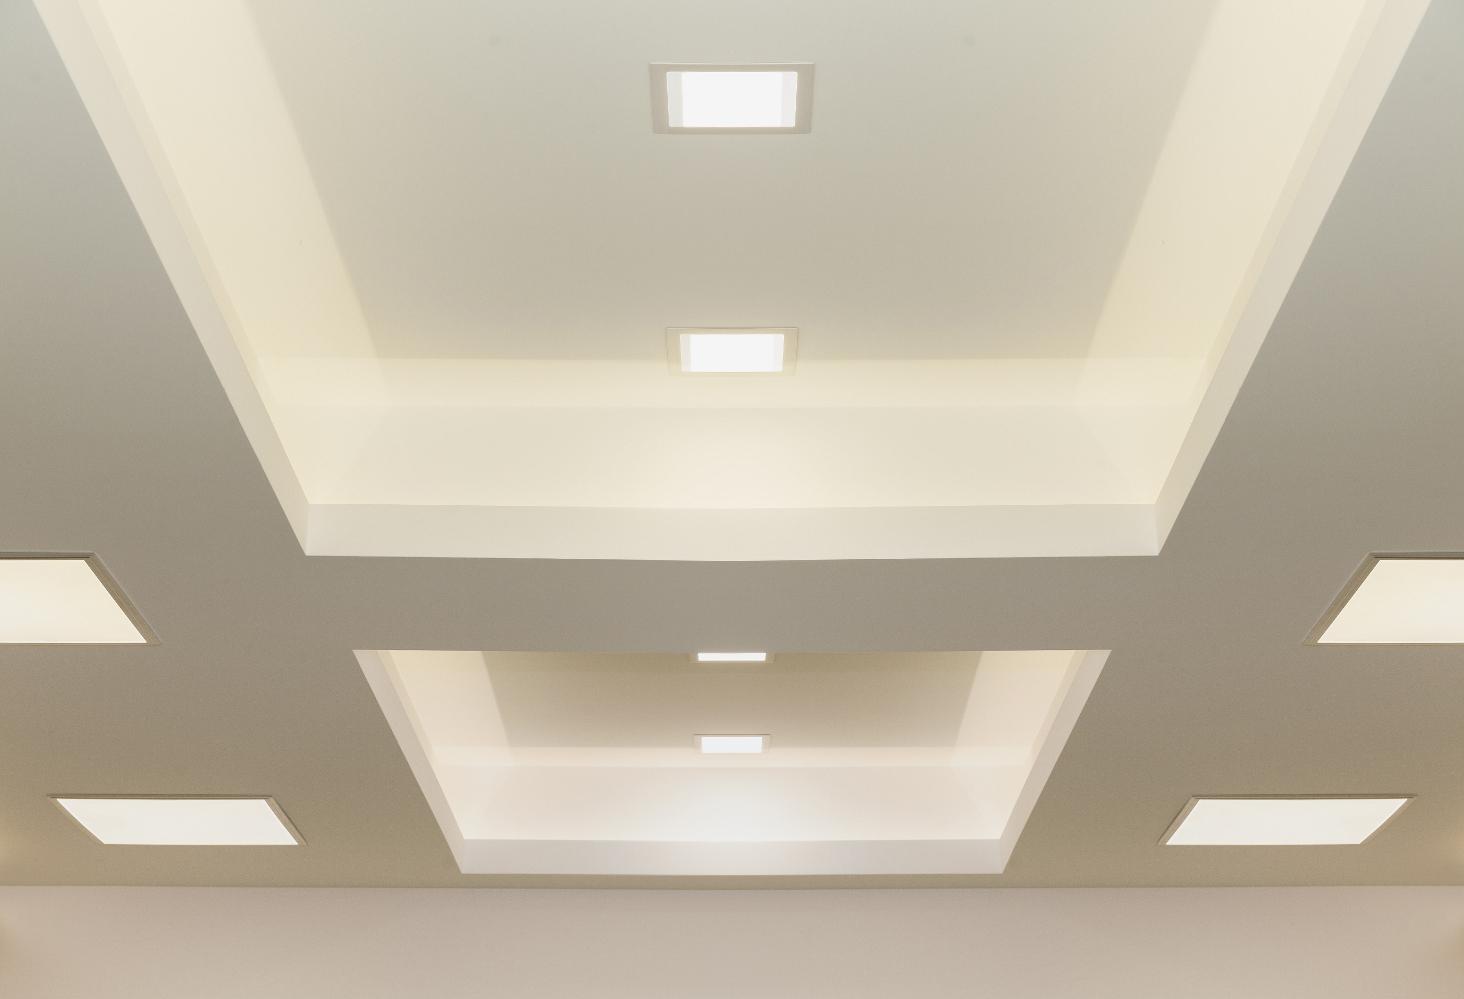 Full Size of Holzlampe Decke Verschiedene Lampenarten Im Vergleich Lampe Magazin Led Deckenleuchte Schlafzimmer Tagesdecke Bett Deckenlampe Badezimmer Wohnzimmer Decken Bad Wohnzimmer Holzlampe Decke